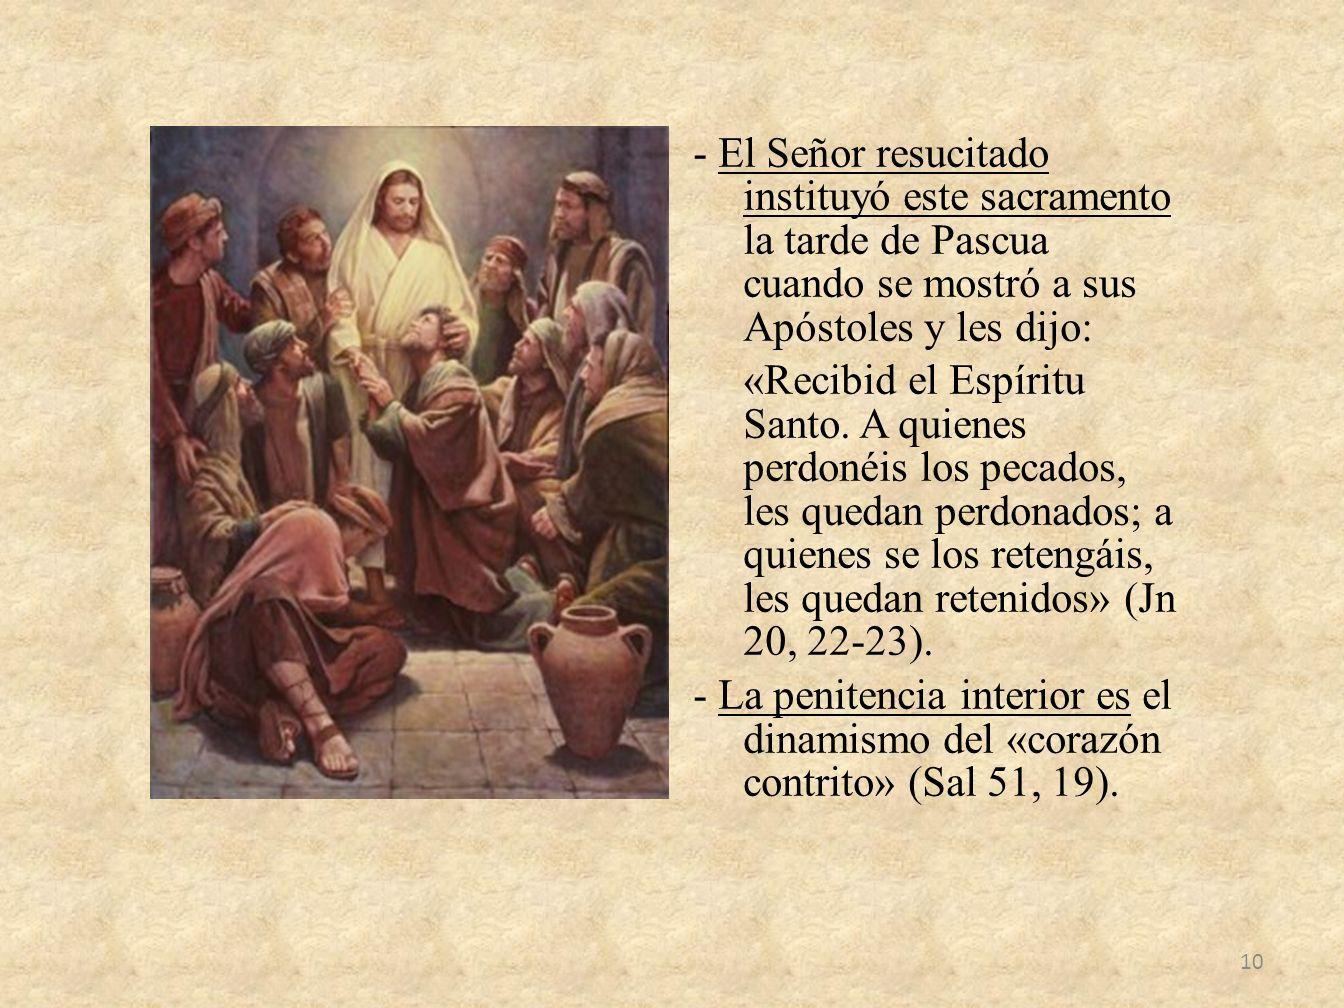 - El Señor resucitado instituyó este sacramento la tarde de Pascua cuando se mostró a sus Apóstoles y les dijo: «Recibid el Espíritu Santo. A quienes